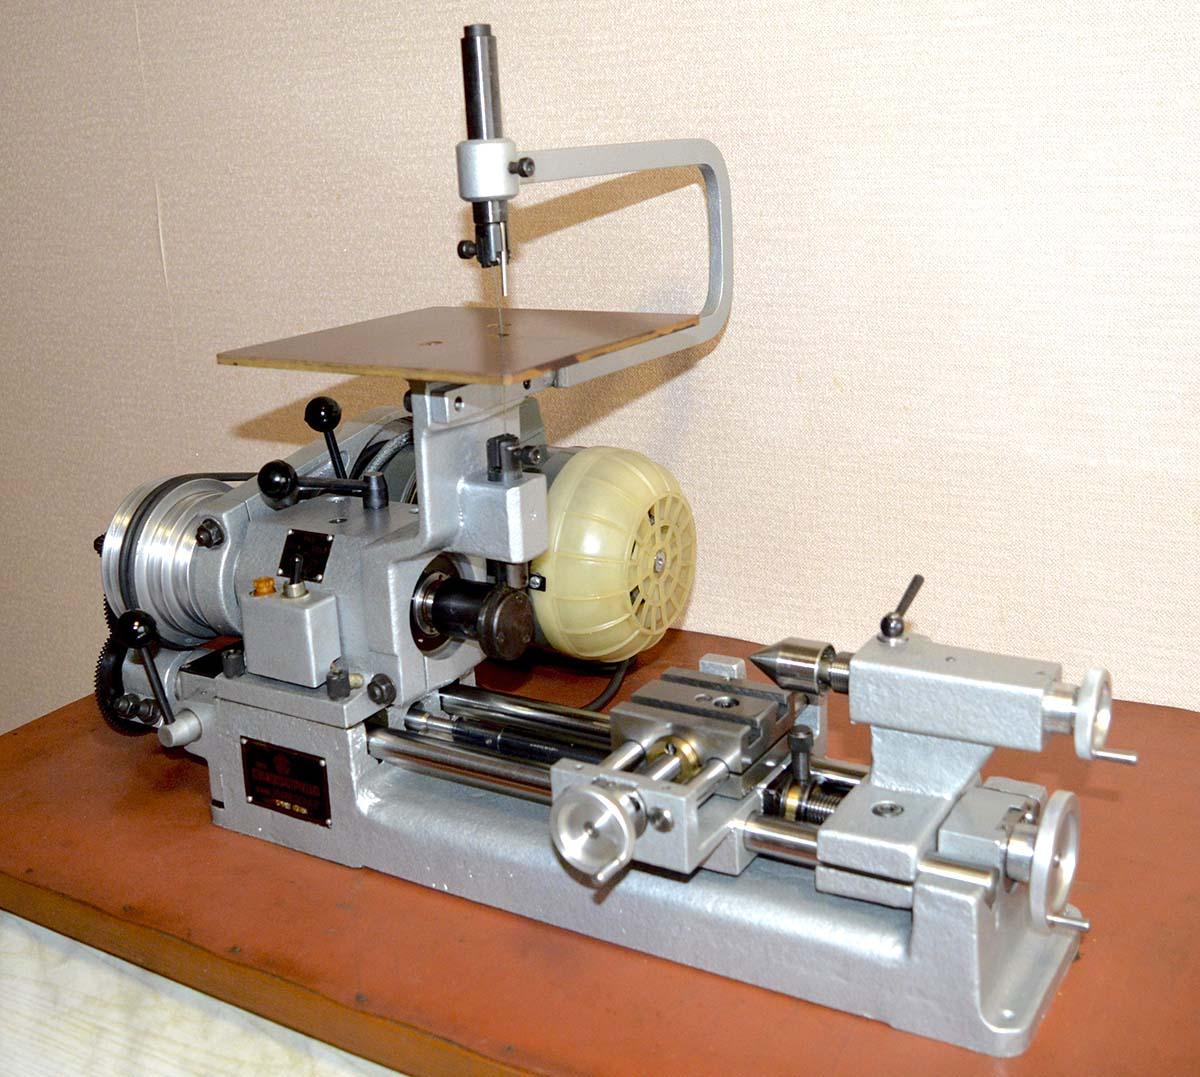 Токарный станок универсал 2 и 3 модификации: основные технические характеристики